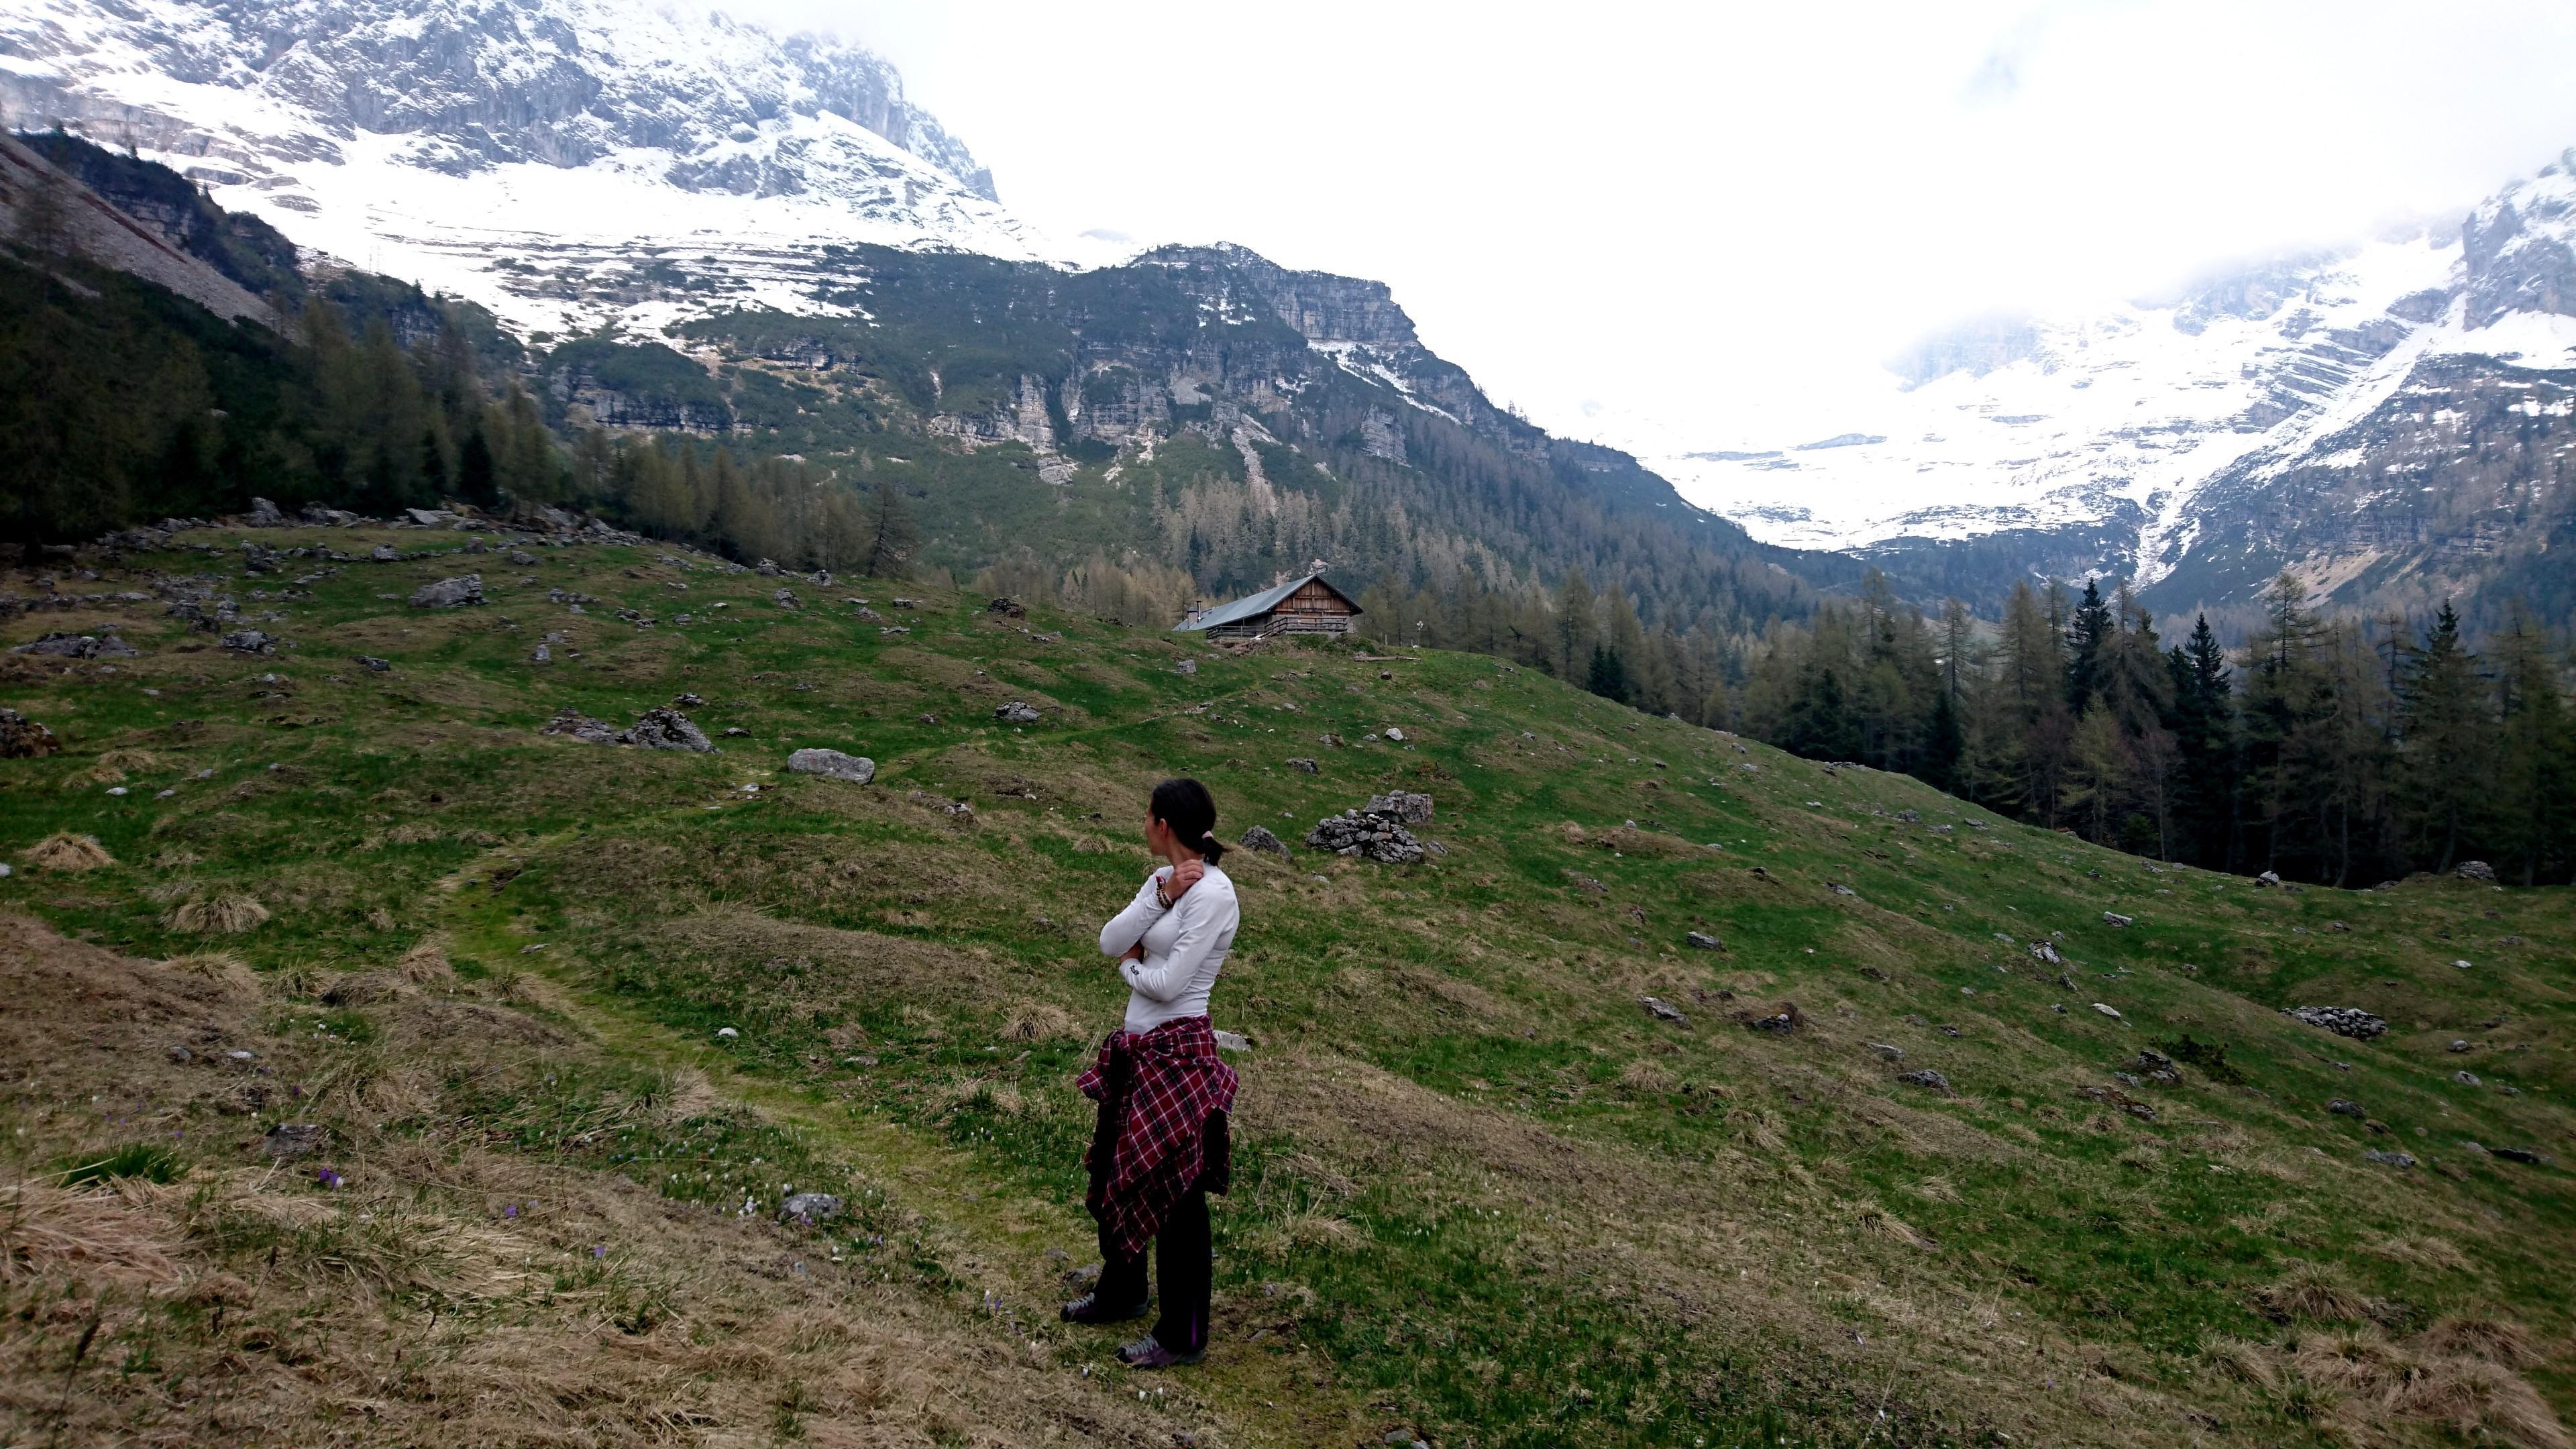 Erica e la malga vista dal pratone dove in estate pascolano le mucche